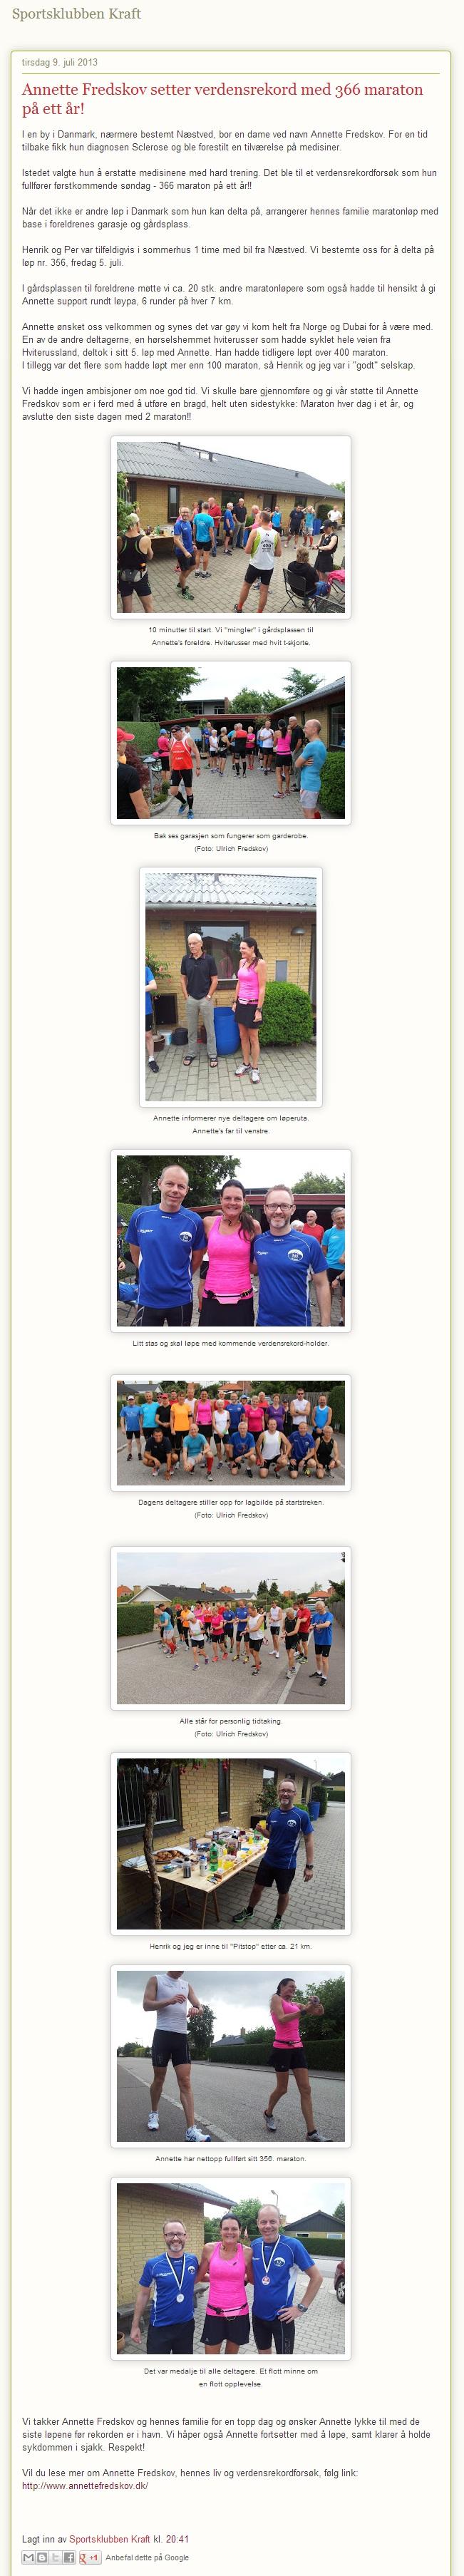 skkraft.blogspot.dk 2013.07.09